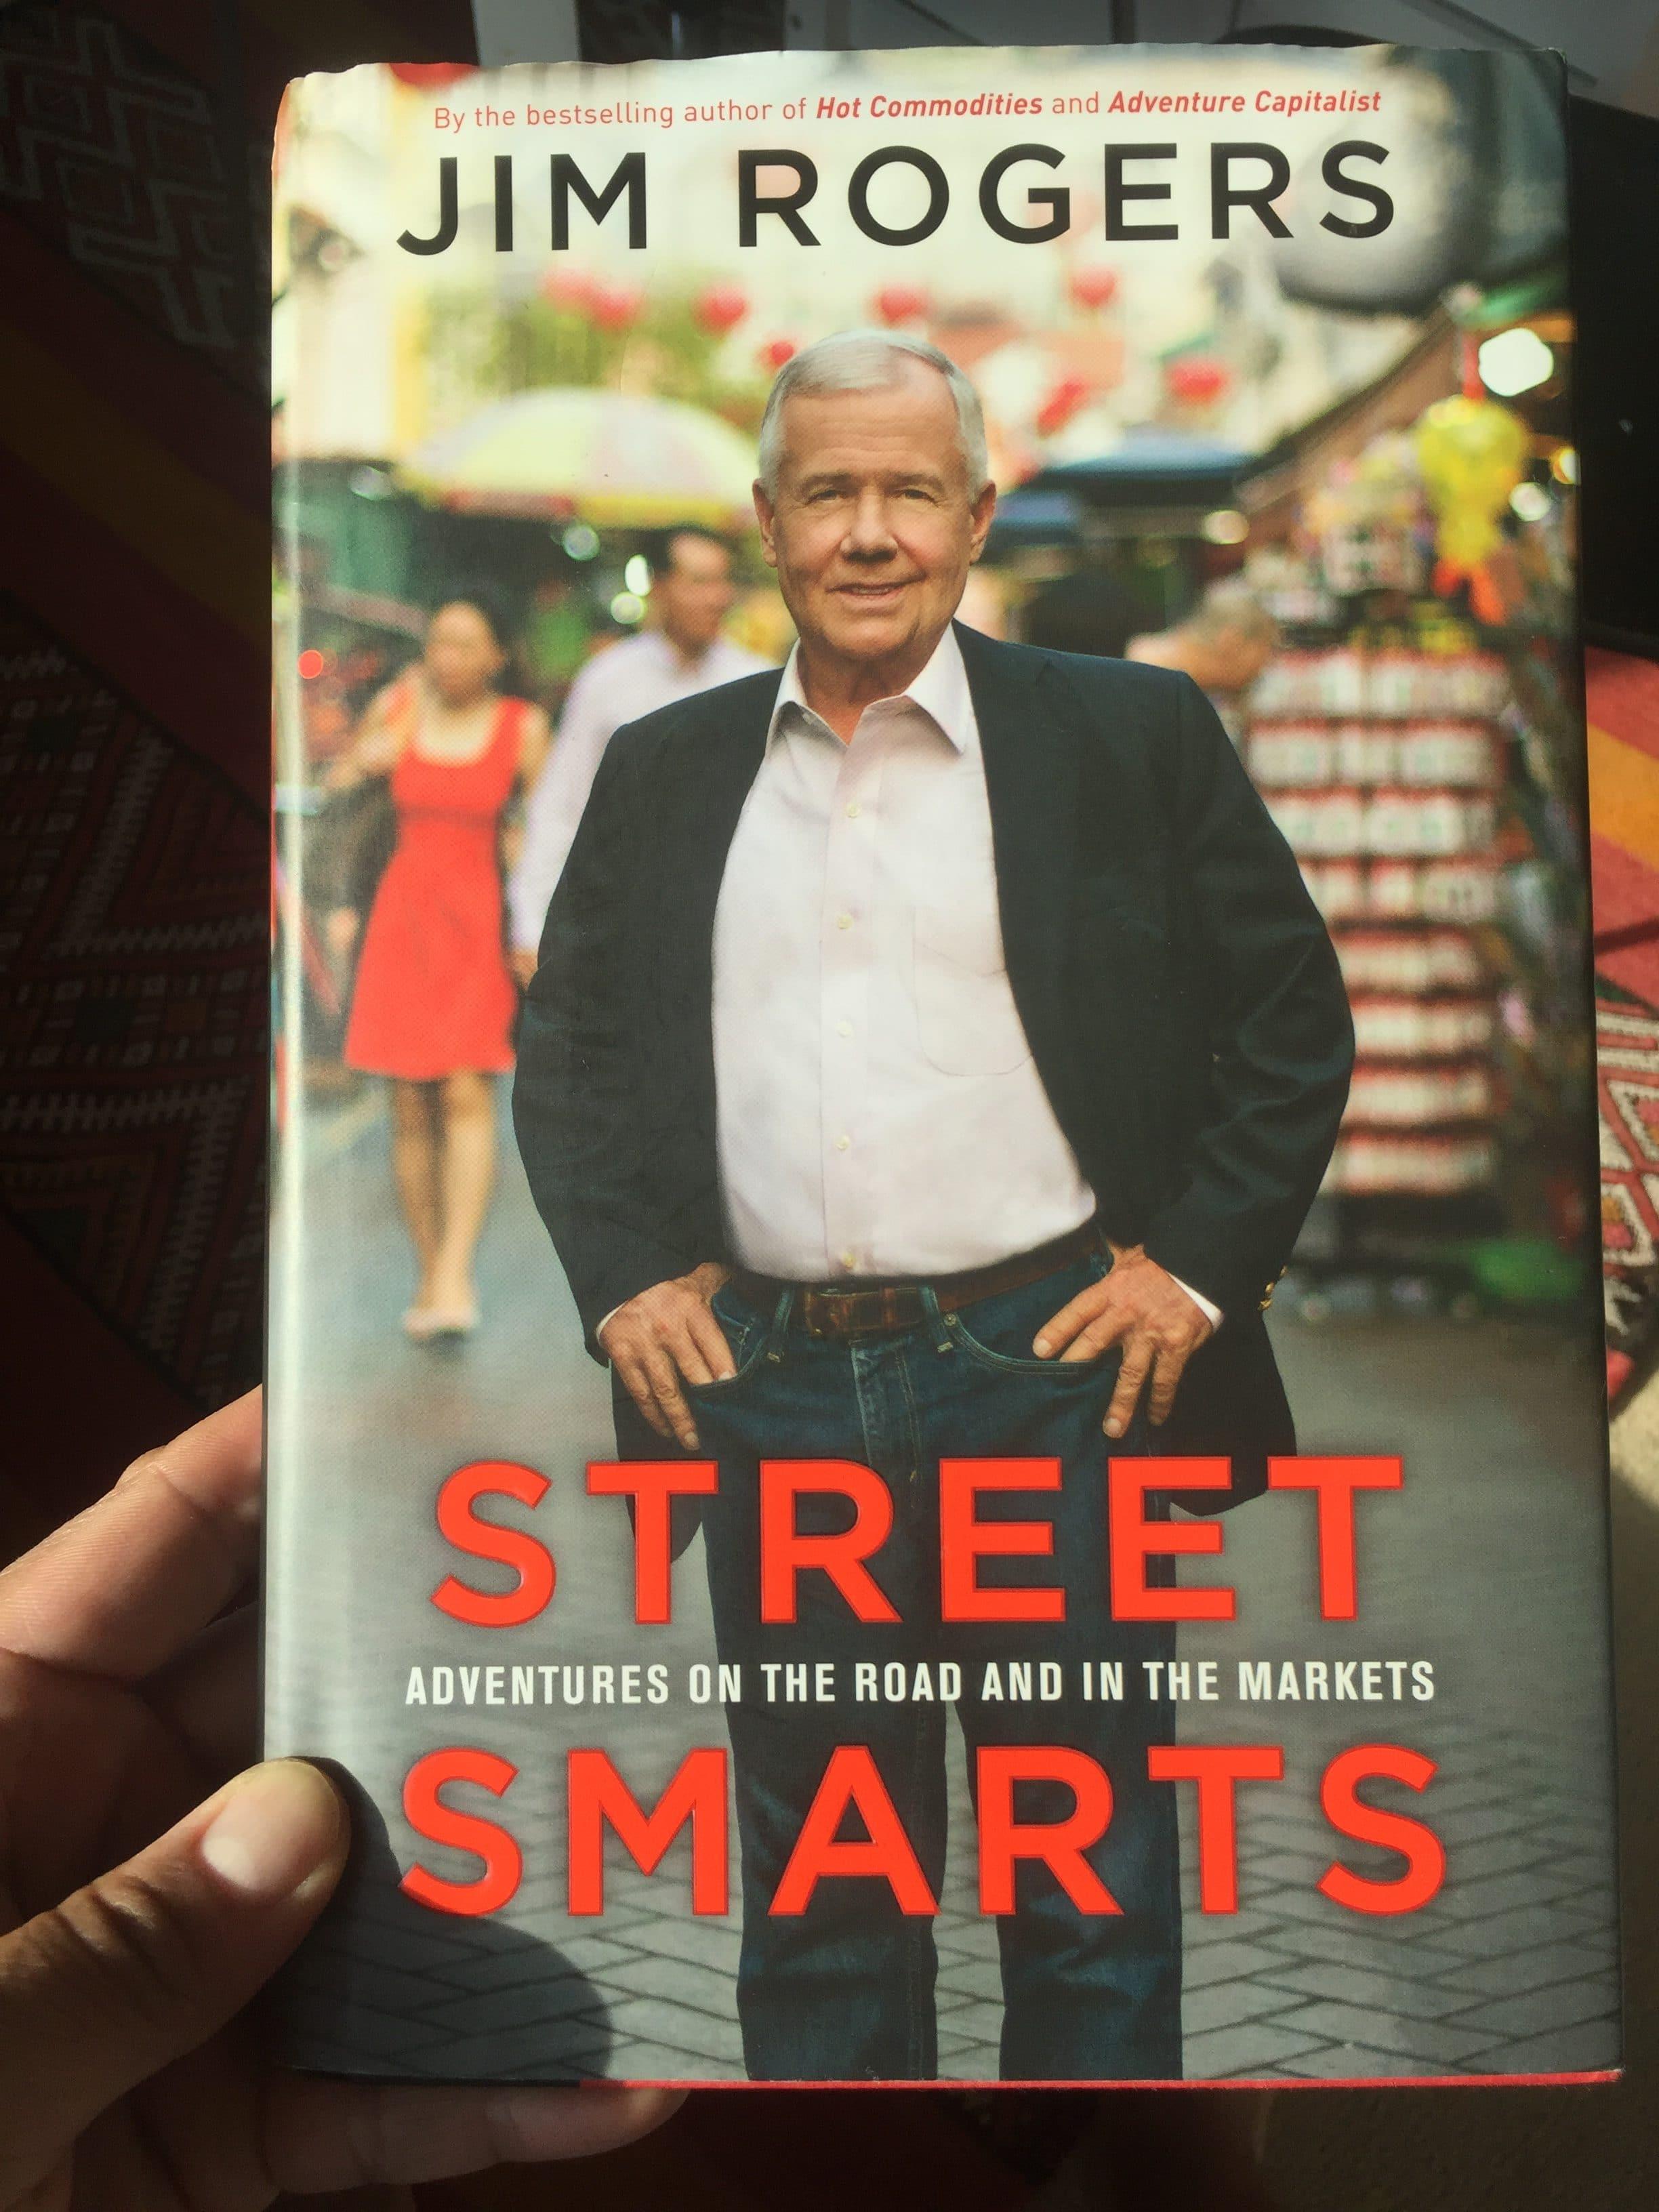 Street Smarts by Jim Rogers – key takeaways